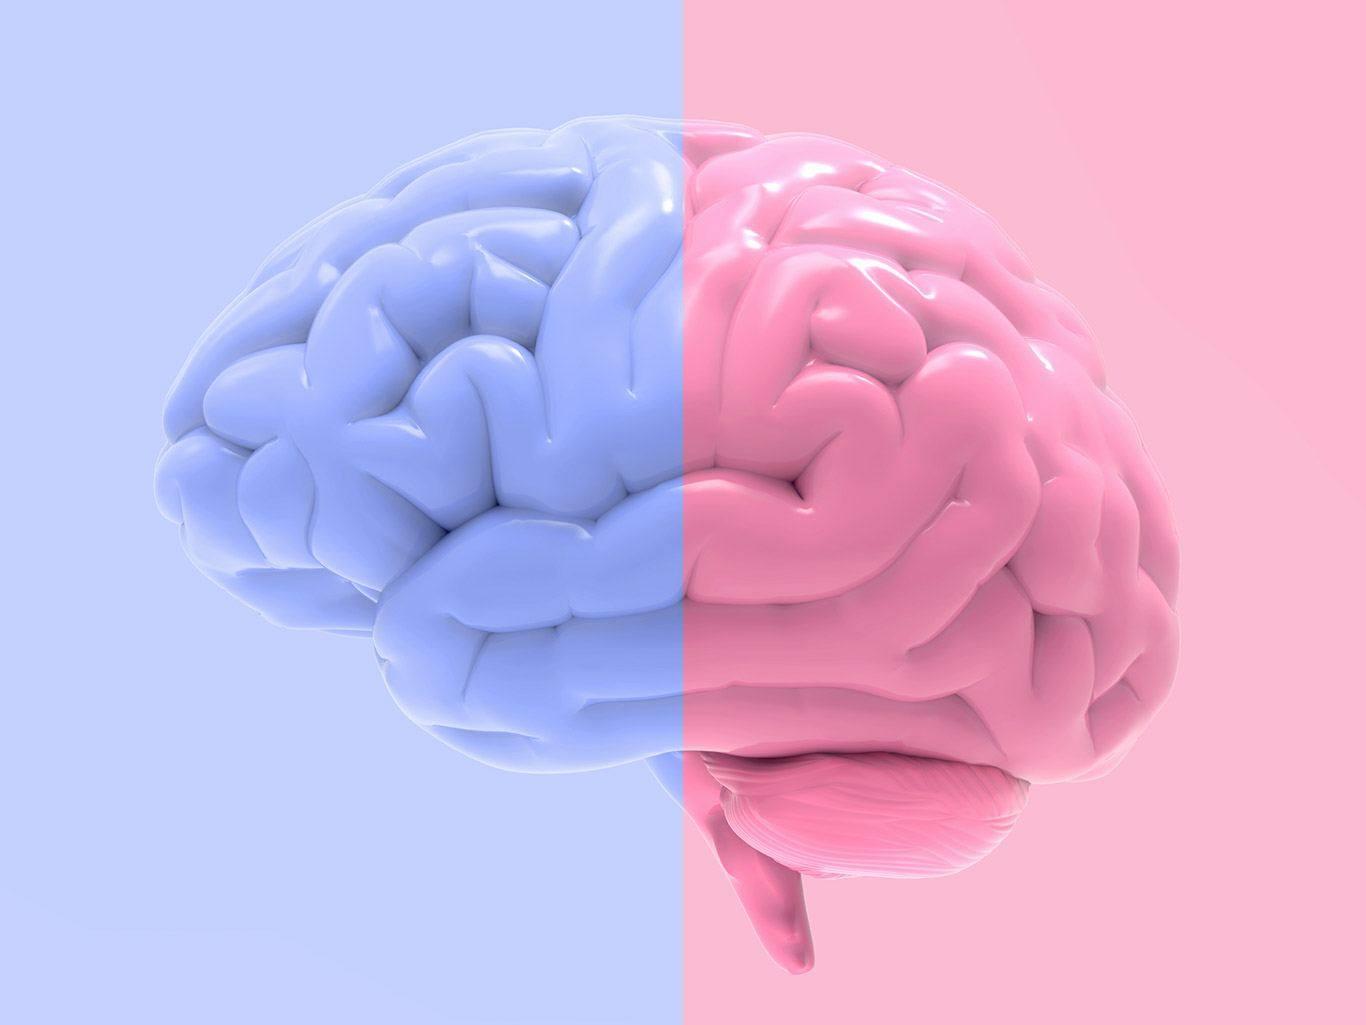 Мужской и женский мозг: в чем отличия?